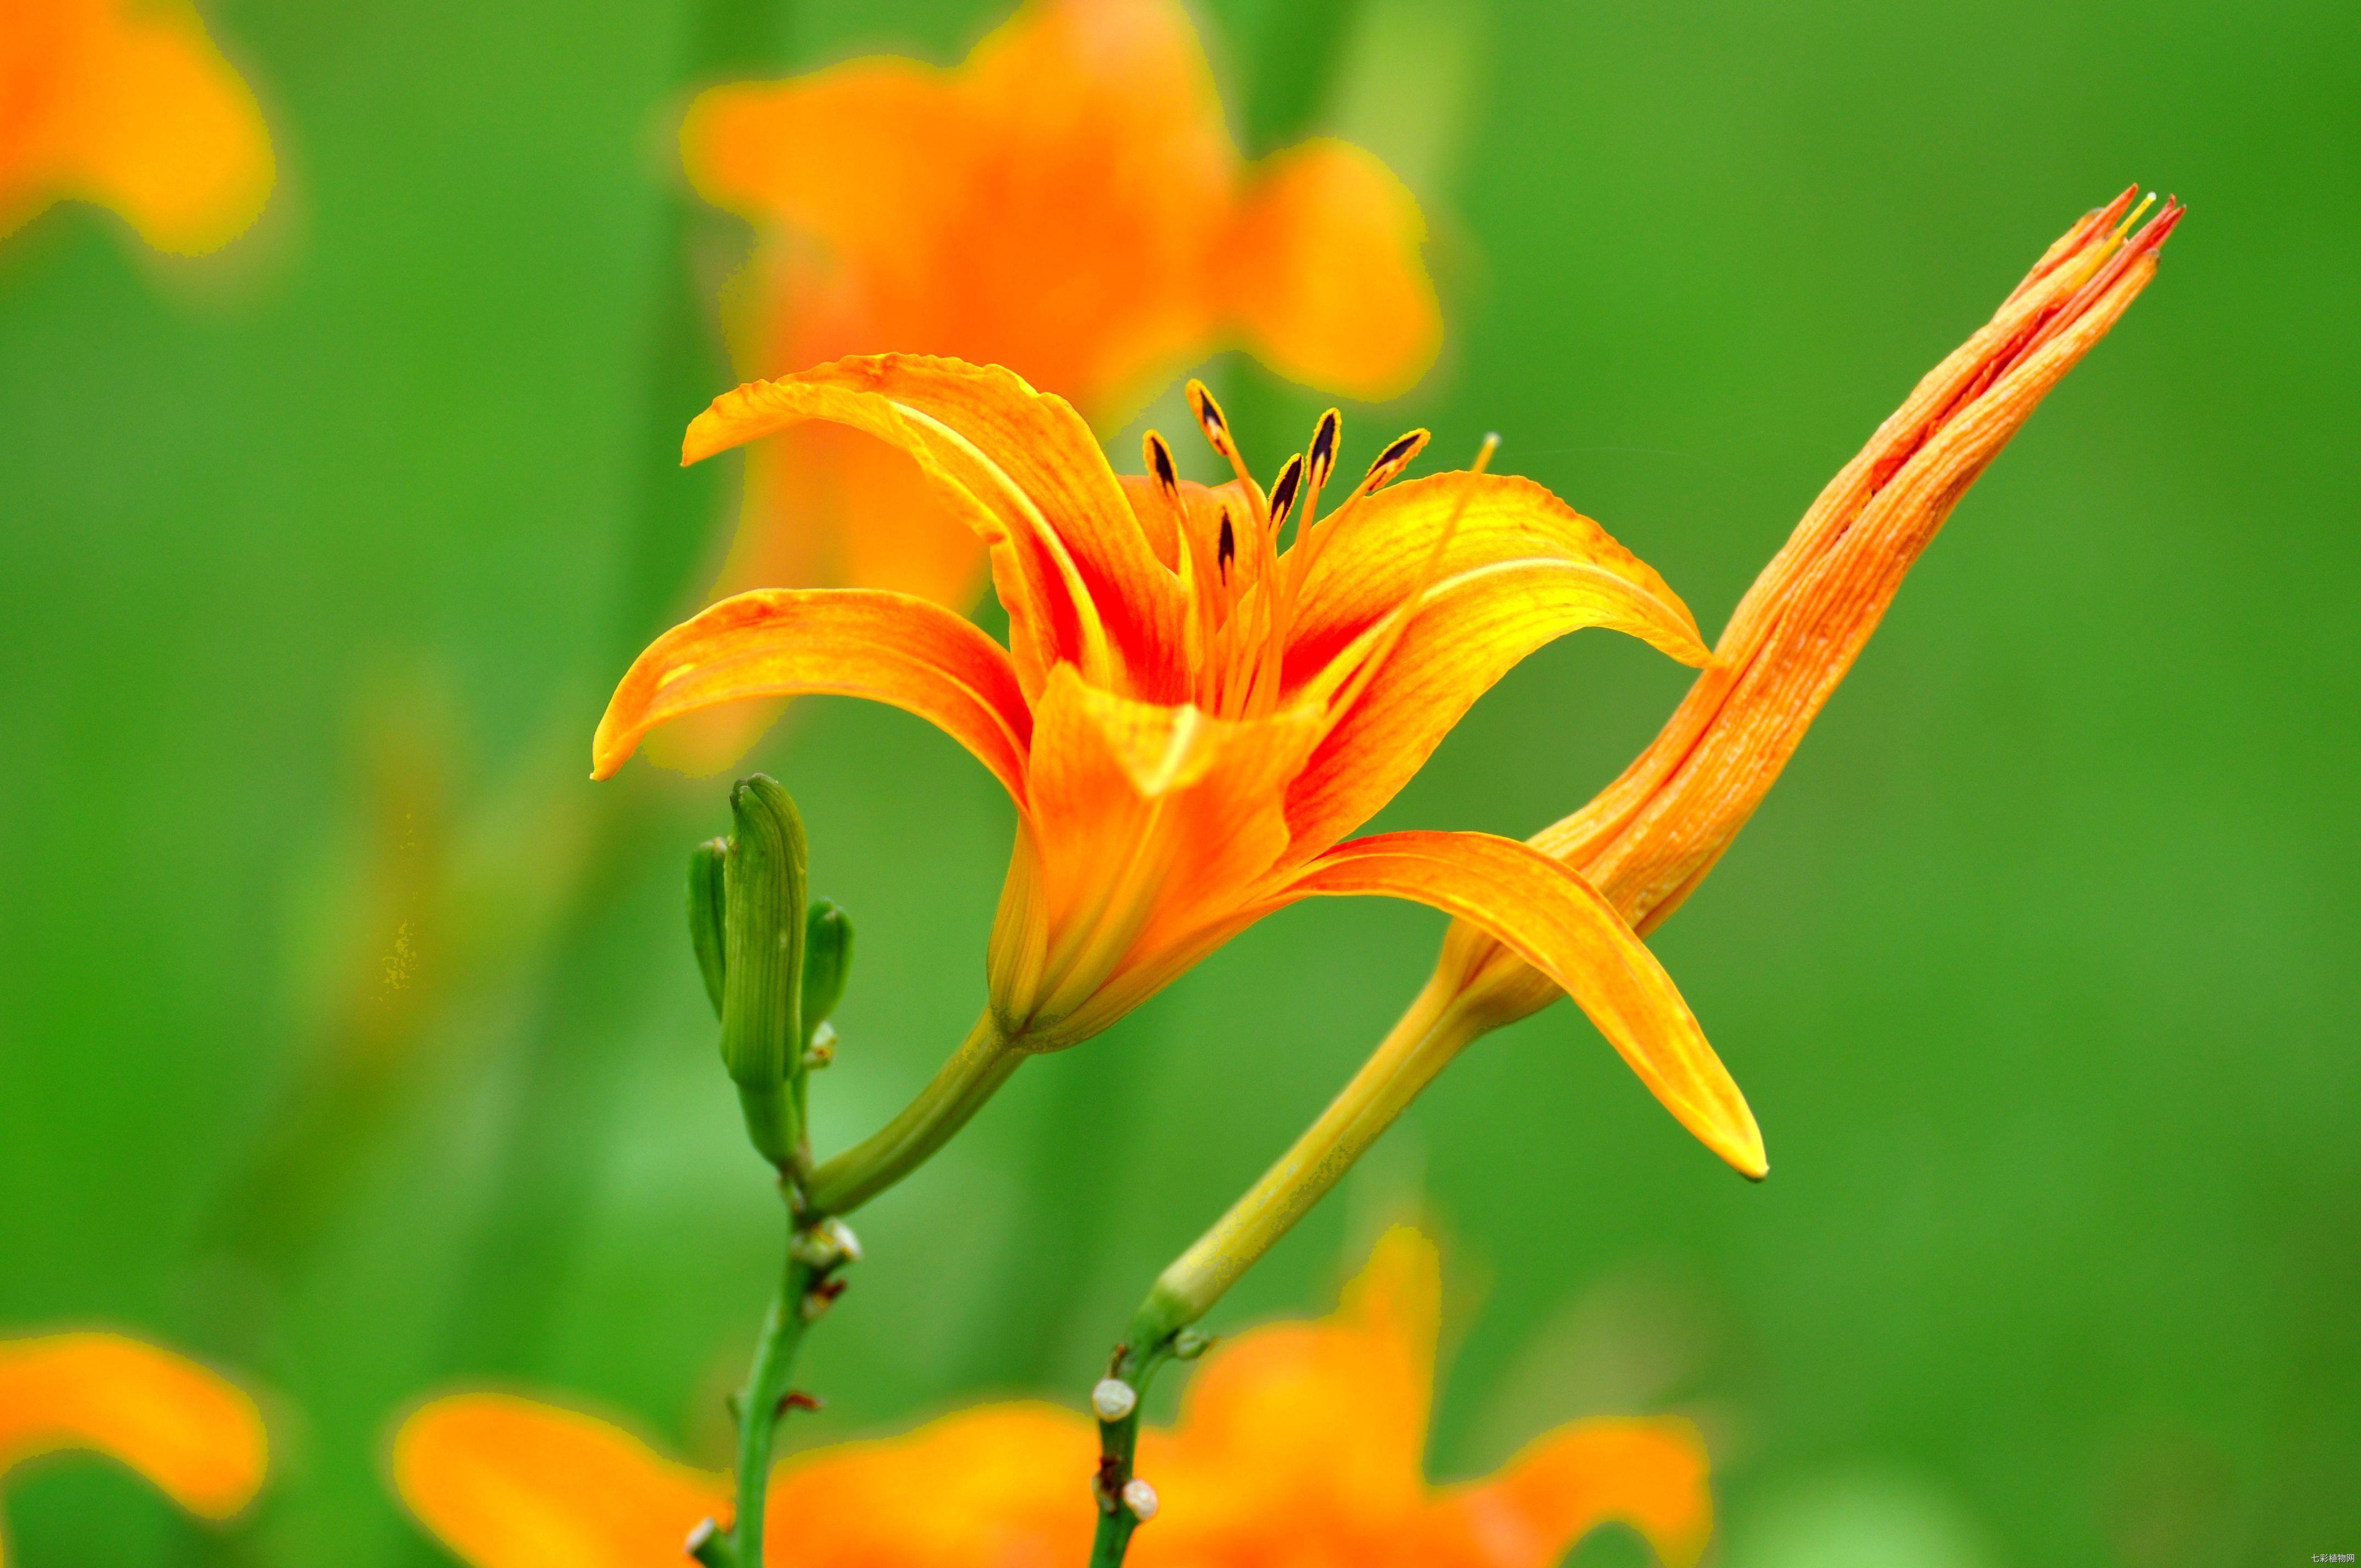 萱草为什么又名忘忧草,该如何种植养护?